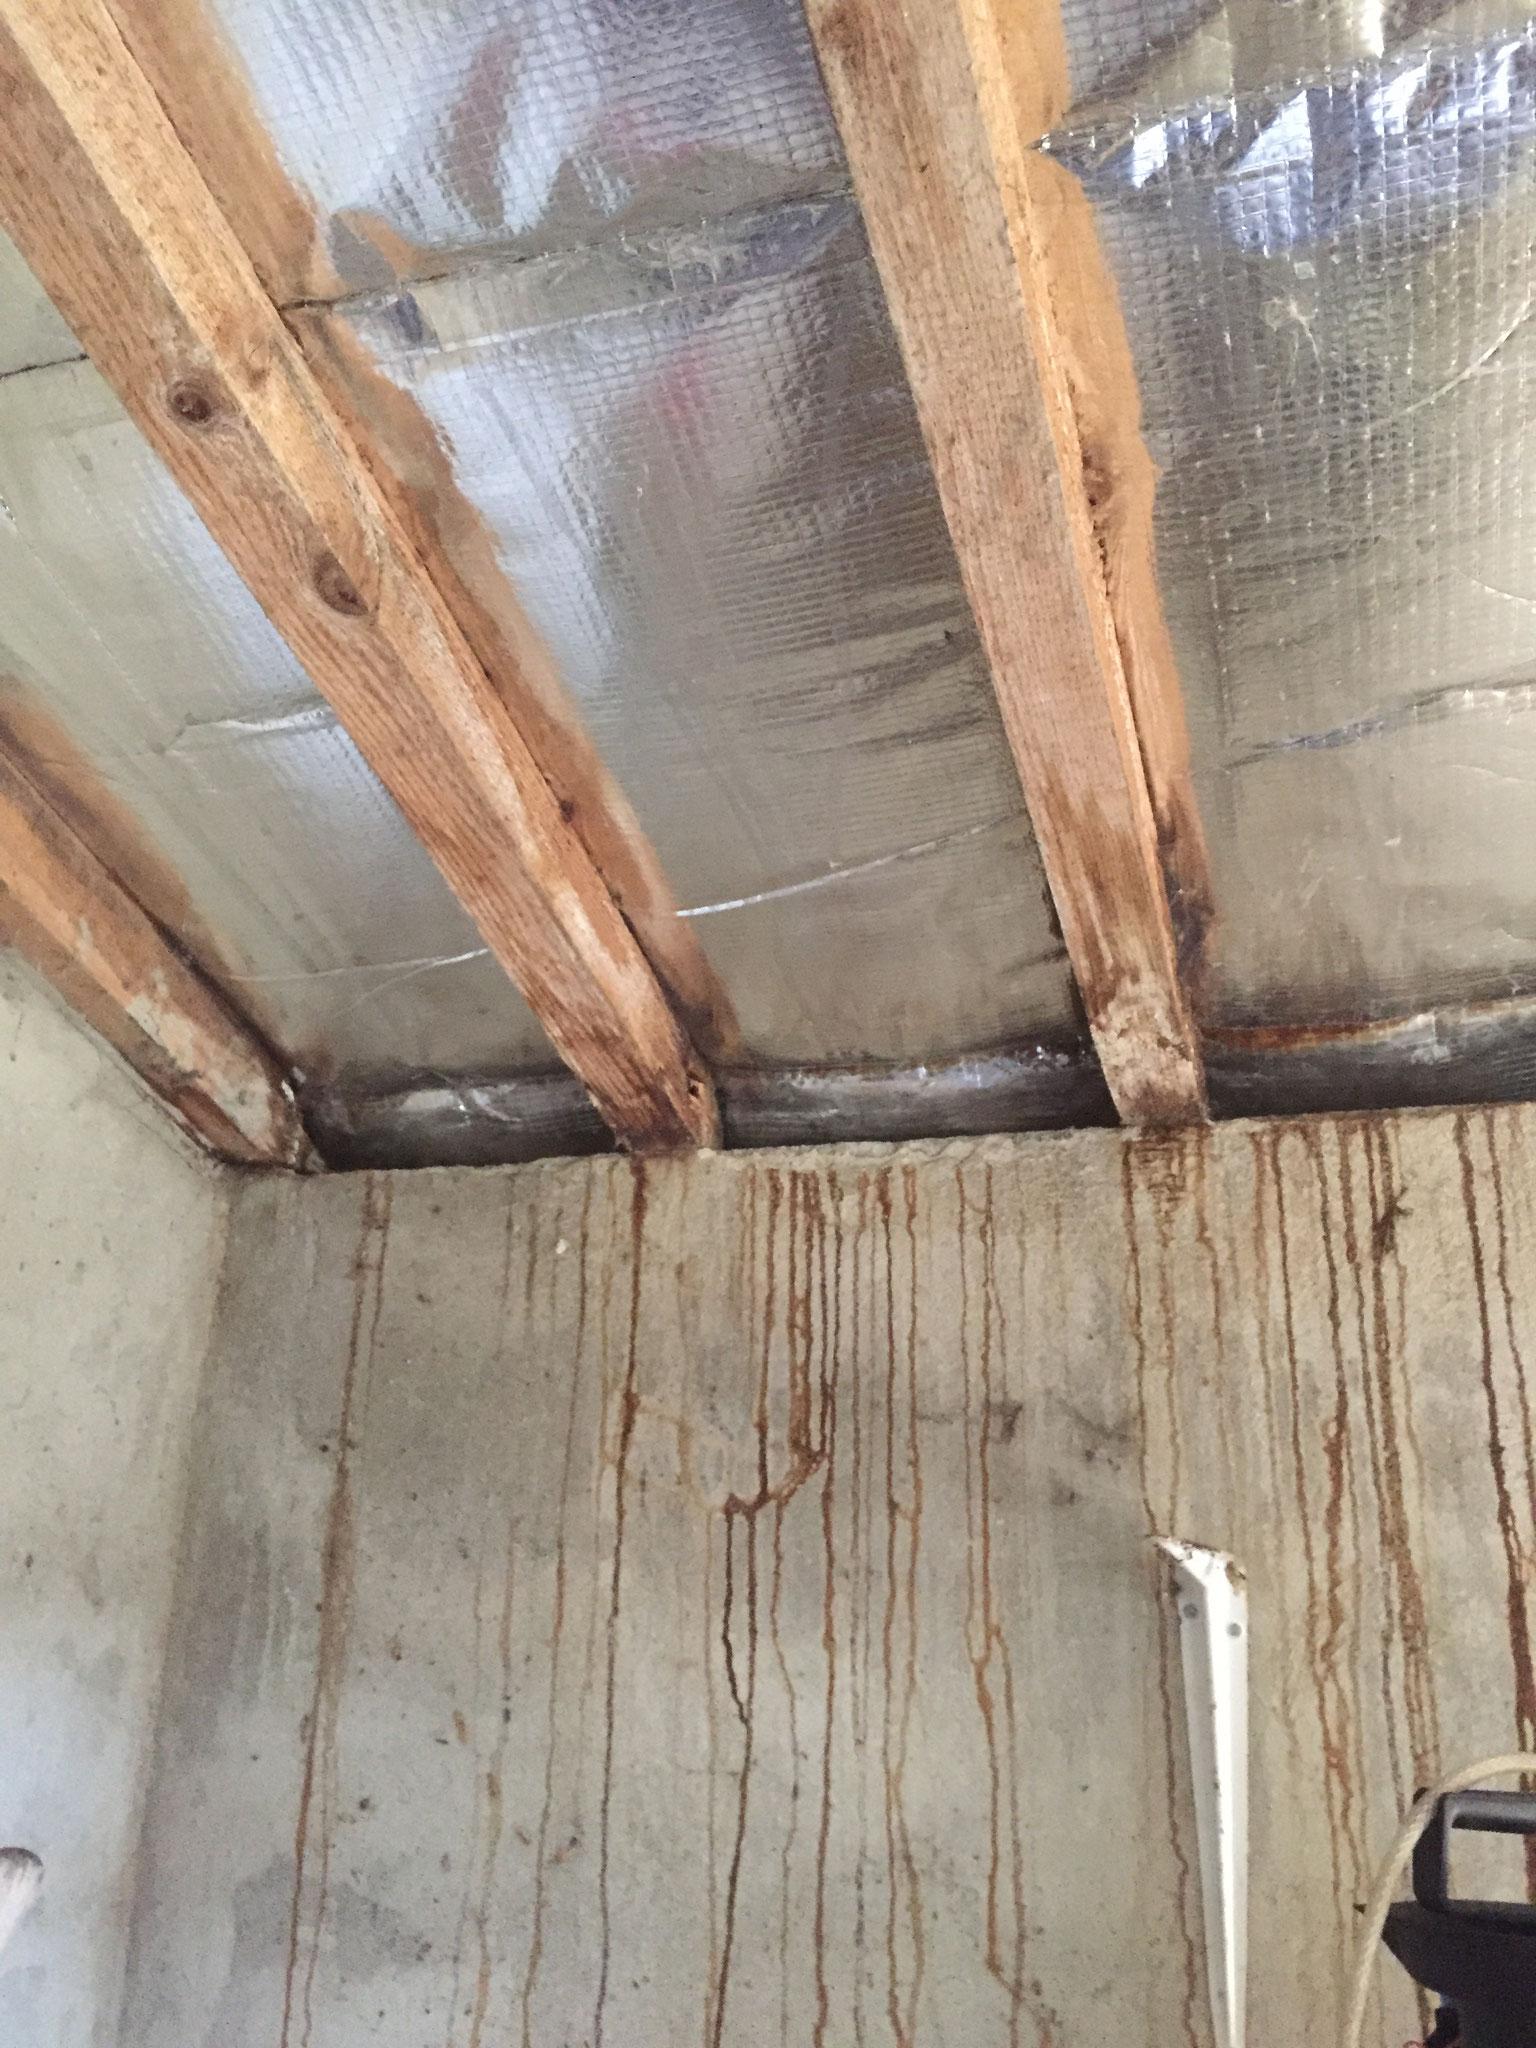 Exemple d'une mauvaise mise en oeuvre de l'isolant qui provoque condensation et ruissellement